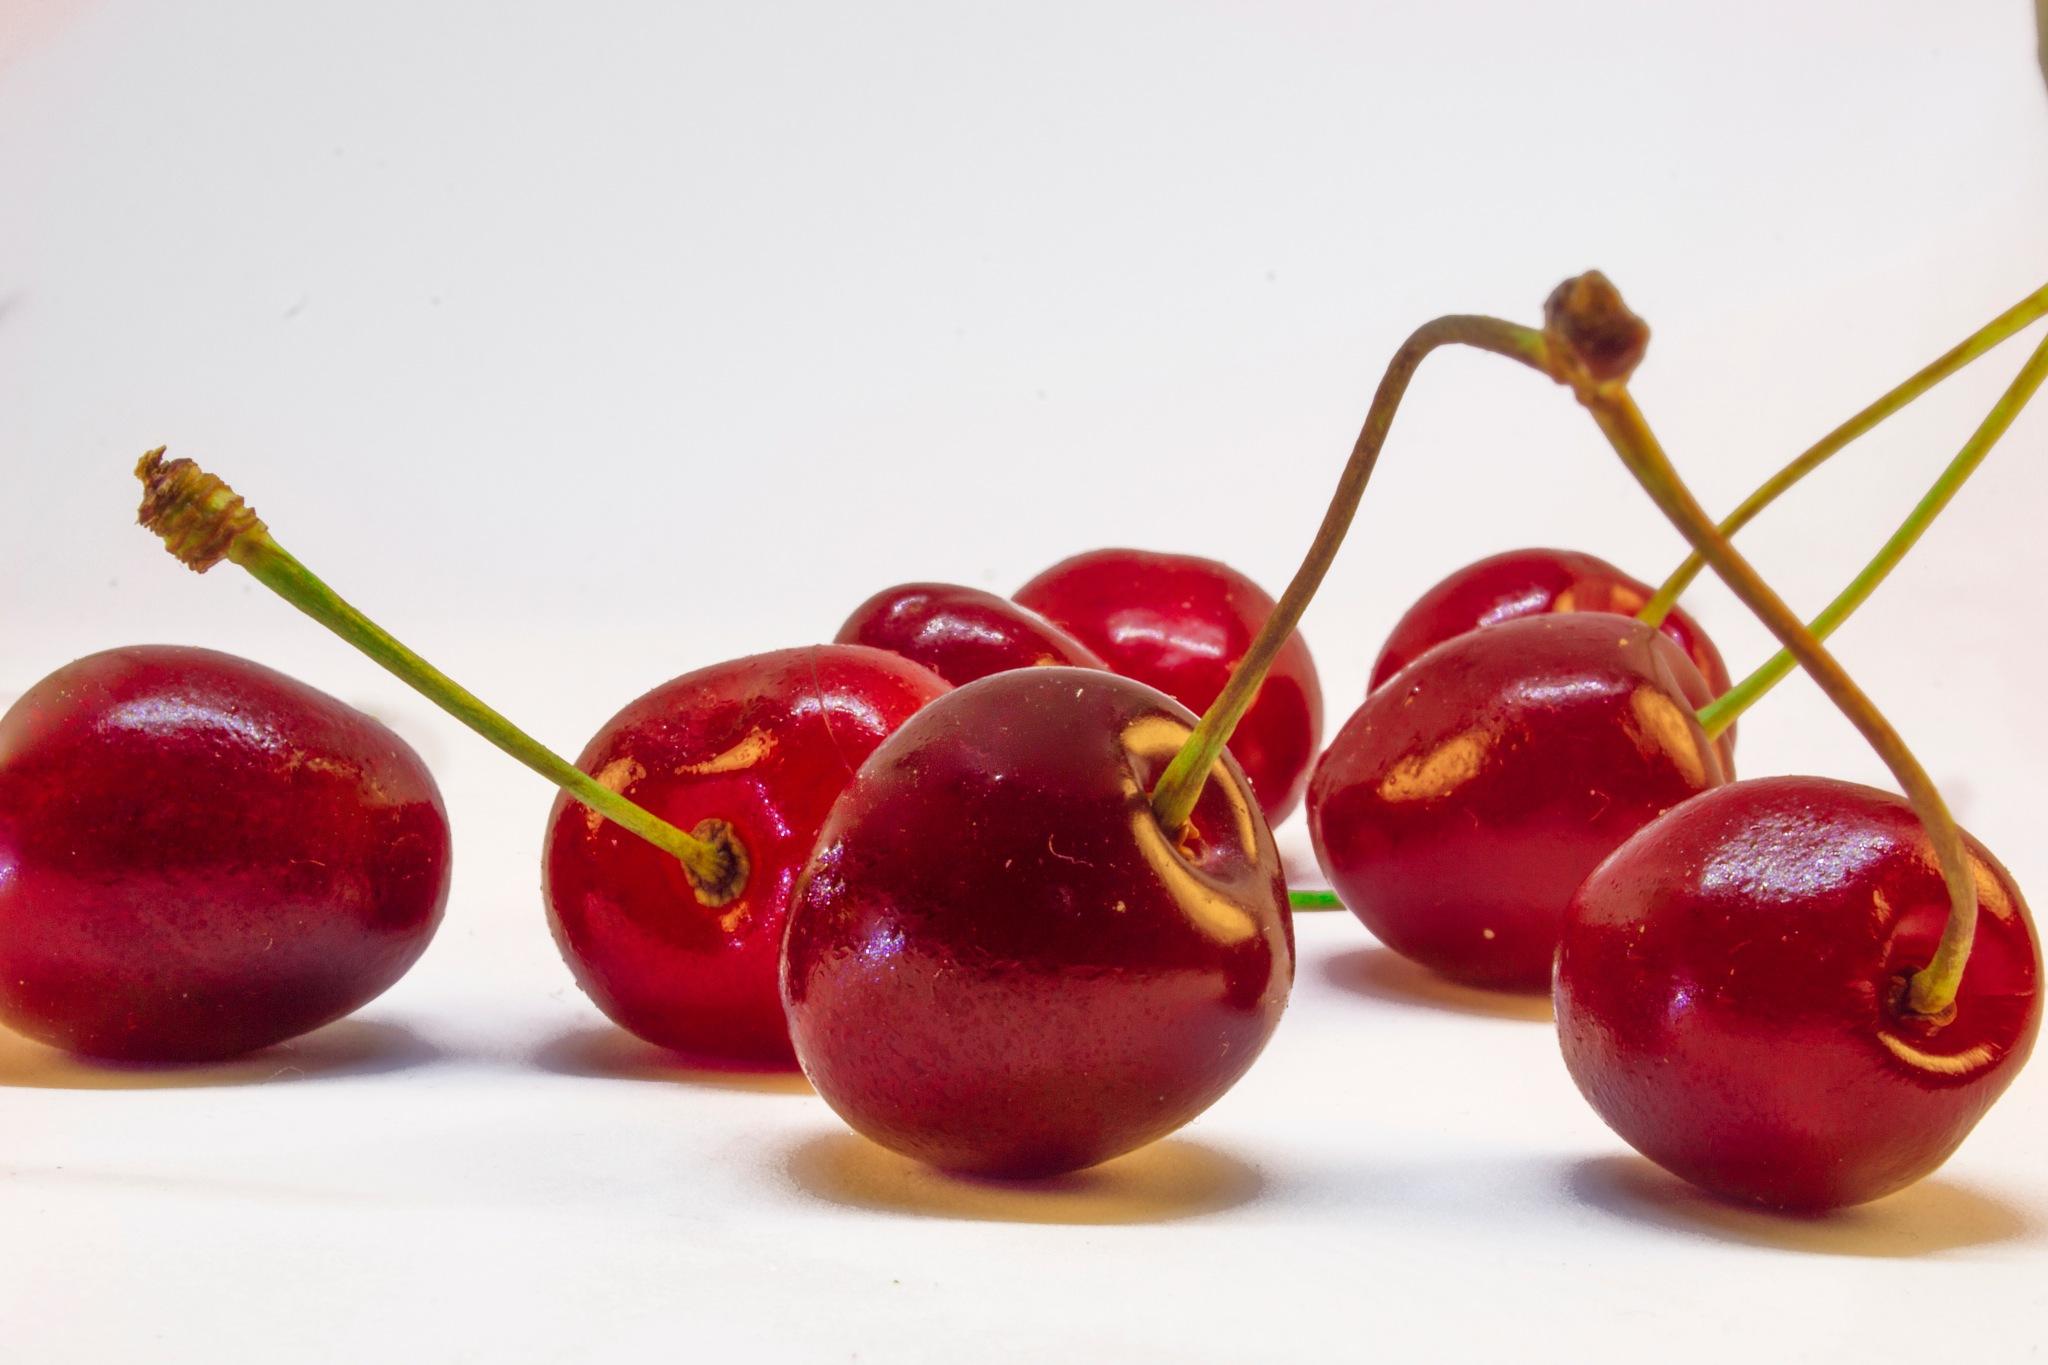 Cherries by Hamza Hamrouni